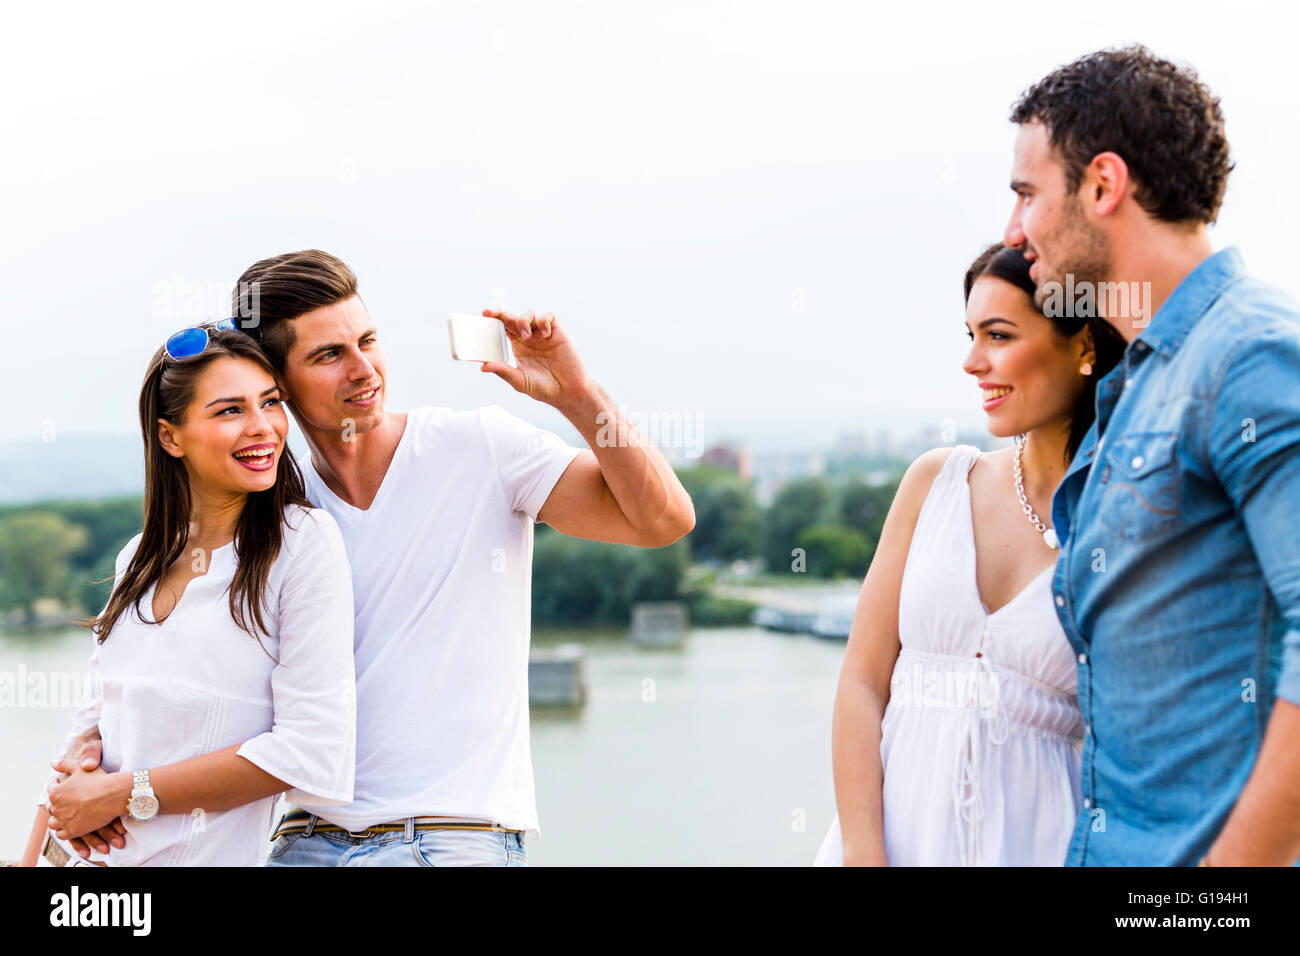 Joven y bella parejas tomando fotos con el smartphone Foto de stock